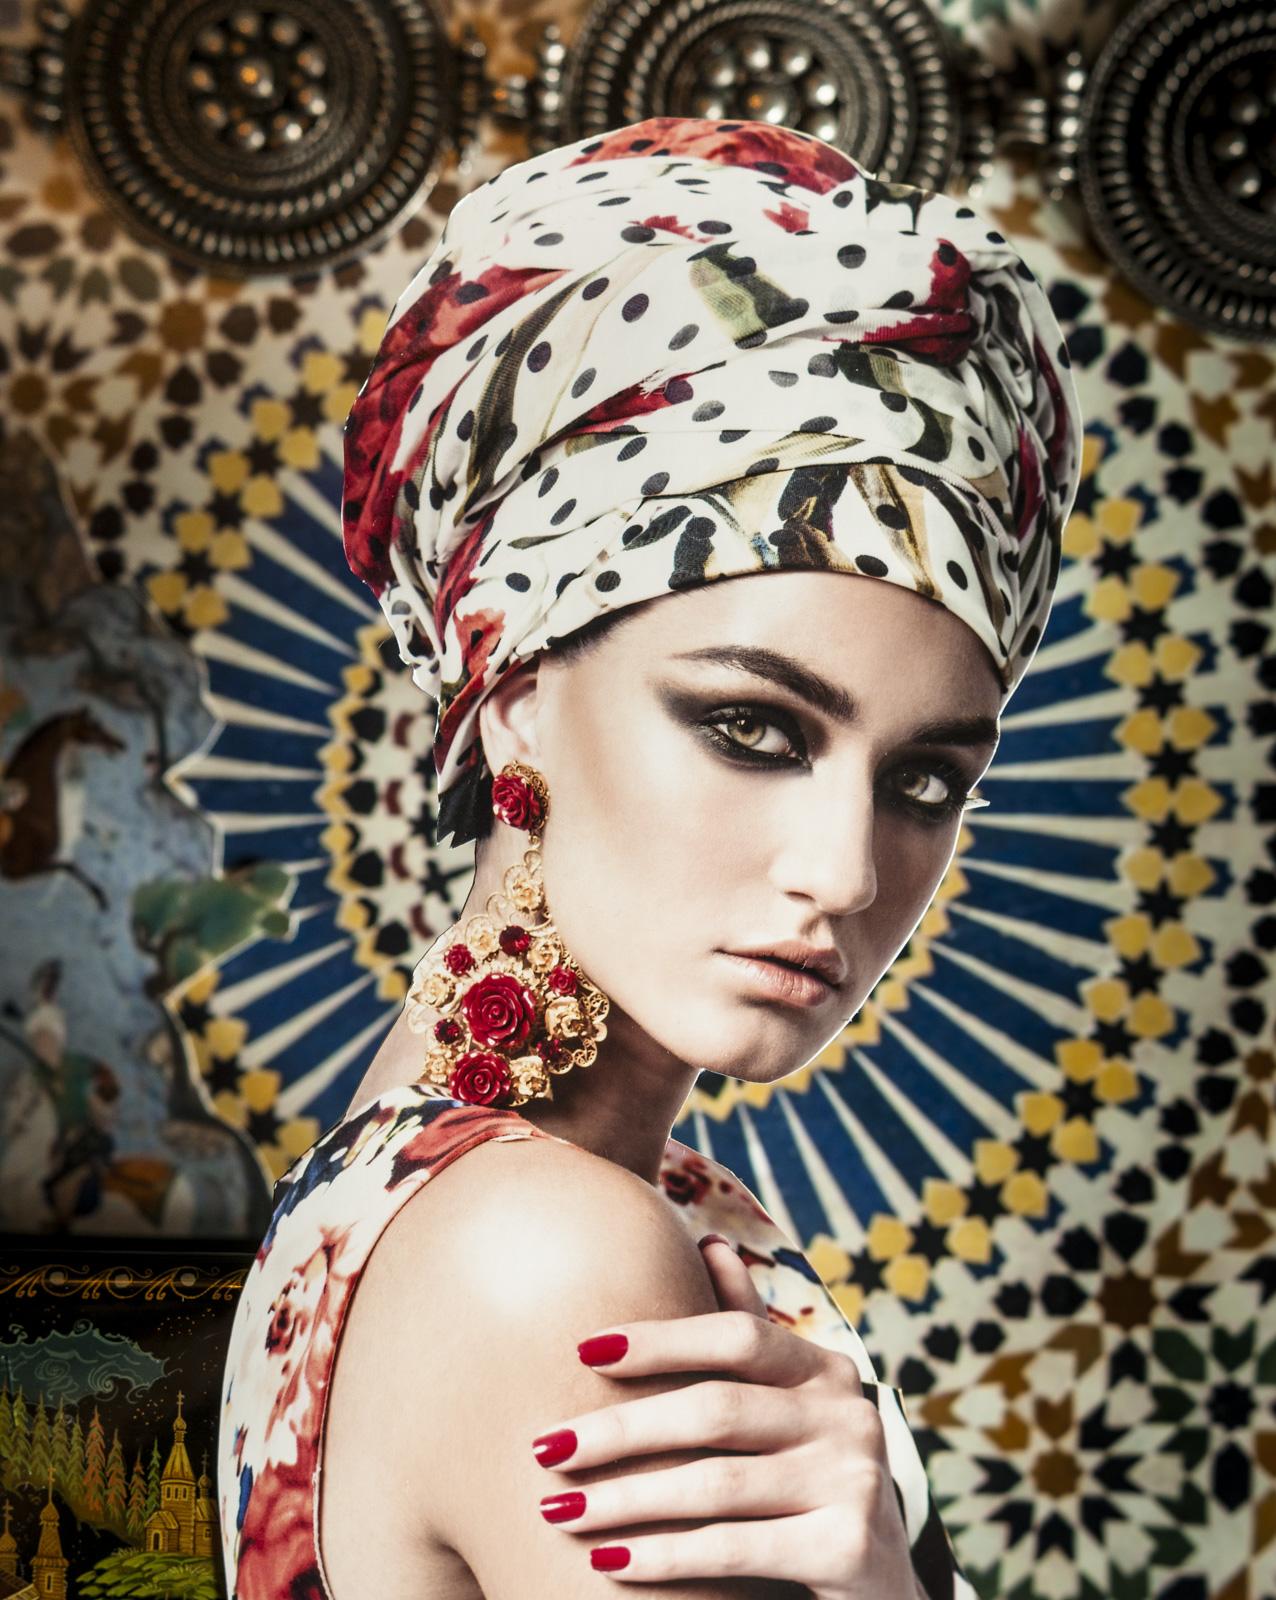 Revista Caras - Moda pañuelos